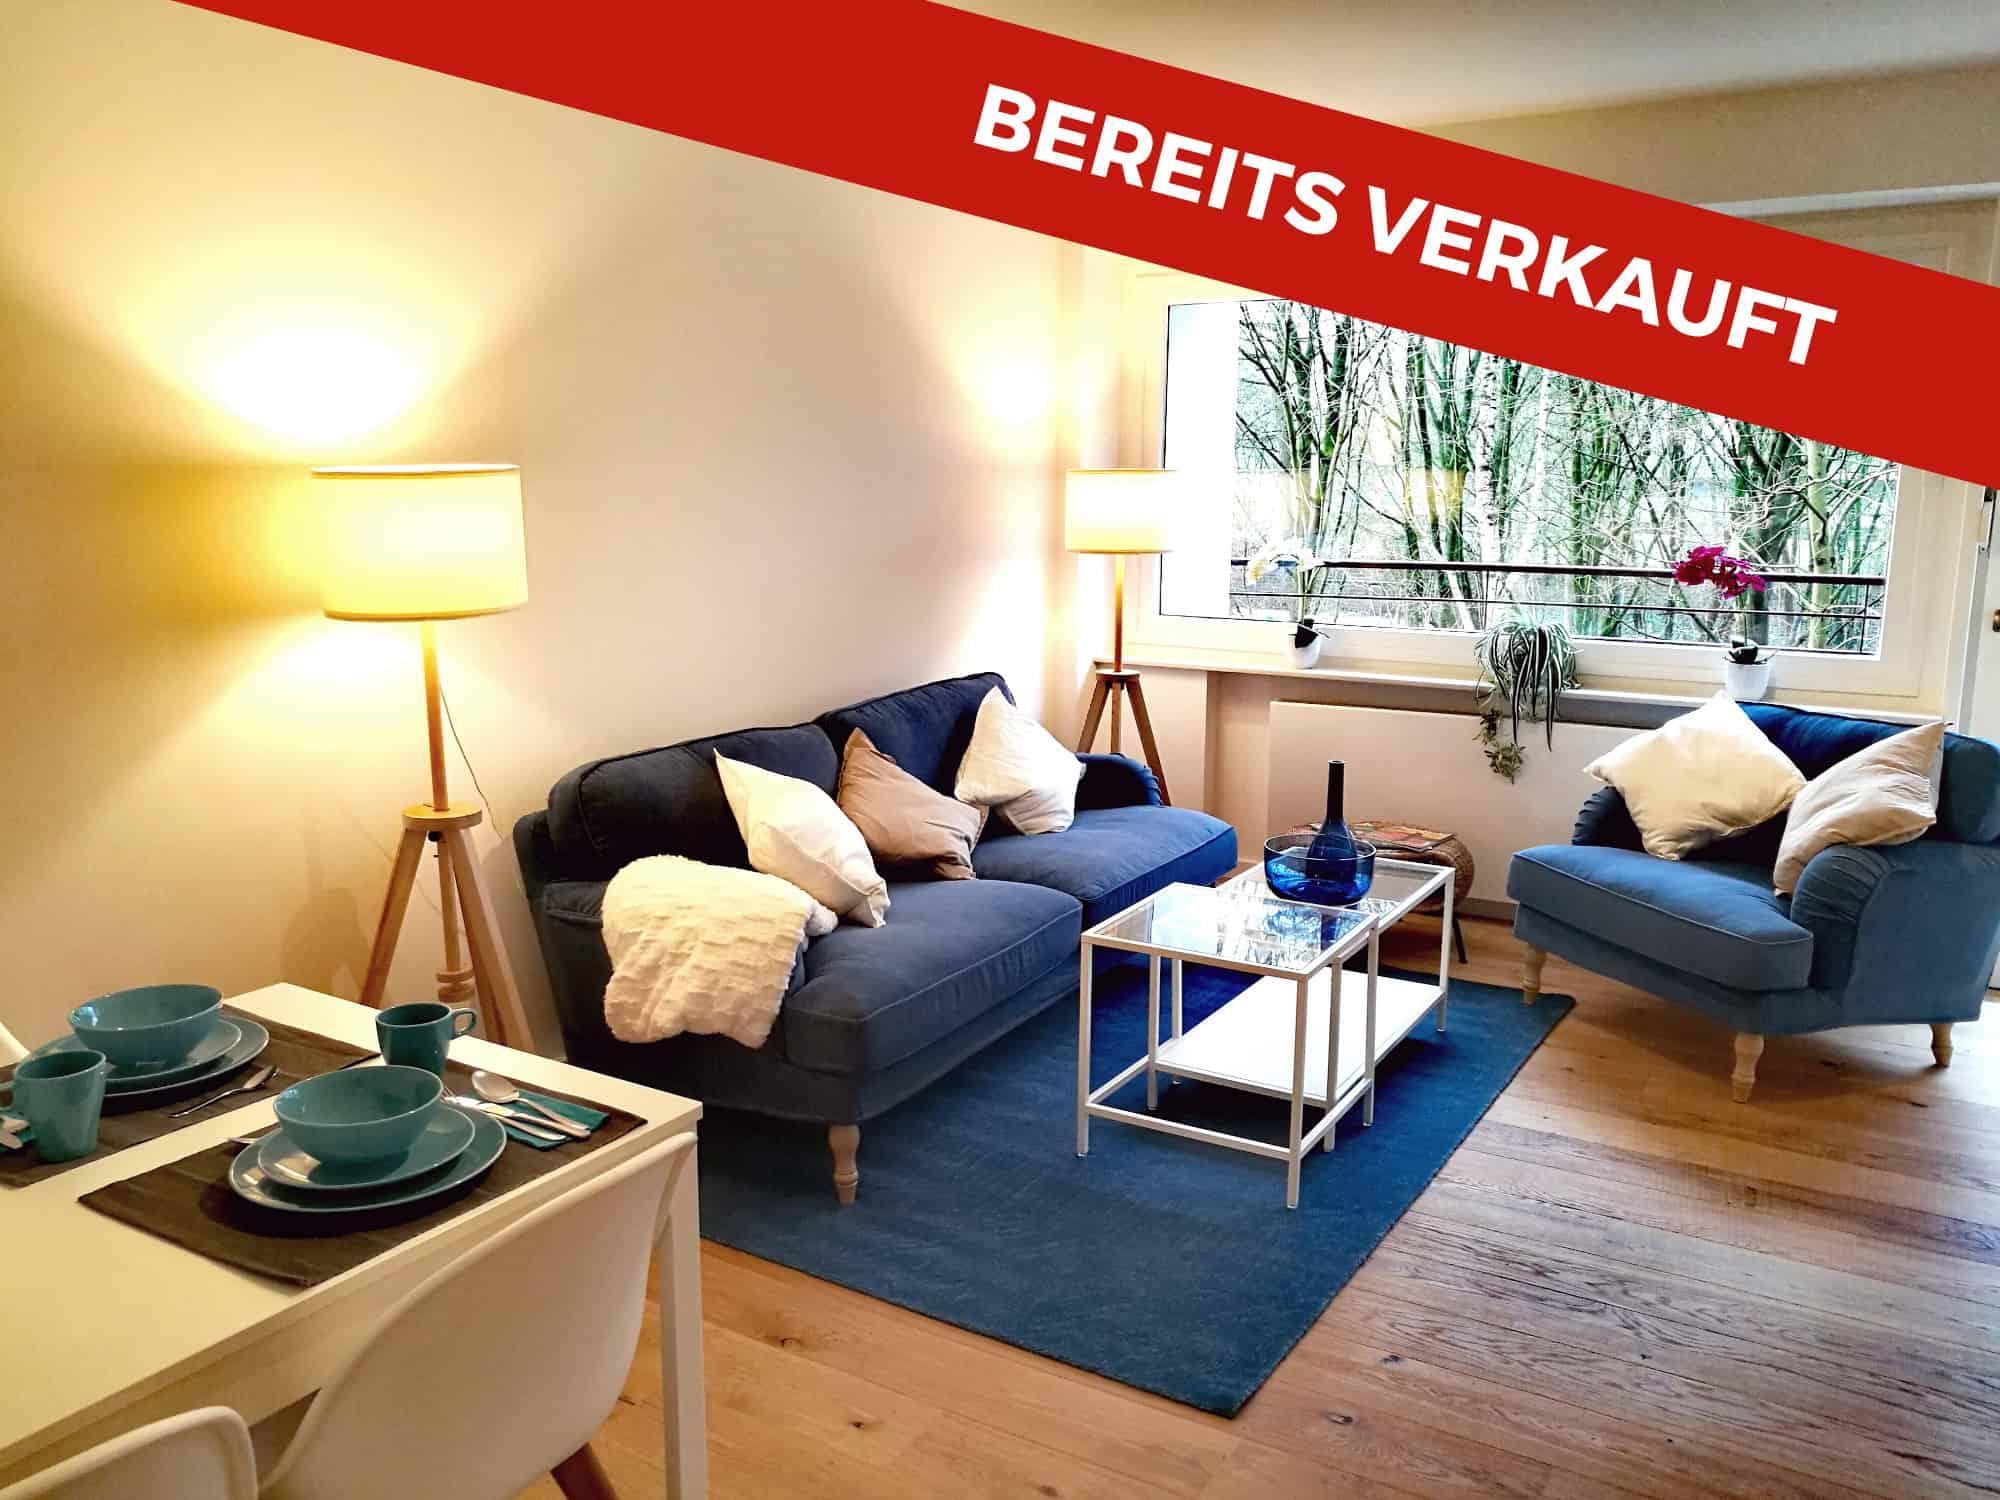 Bereits verkauft: 1,5 Zimmerwohnung in Norderstedt